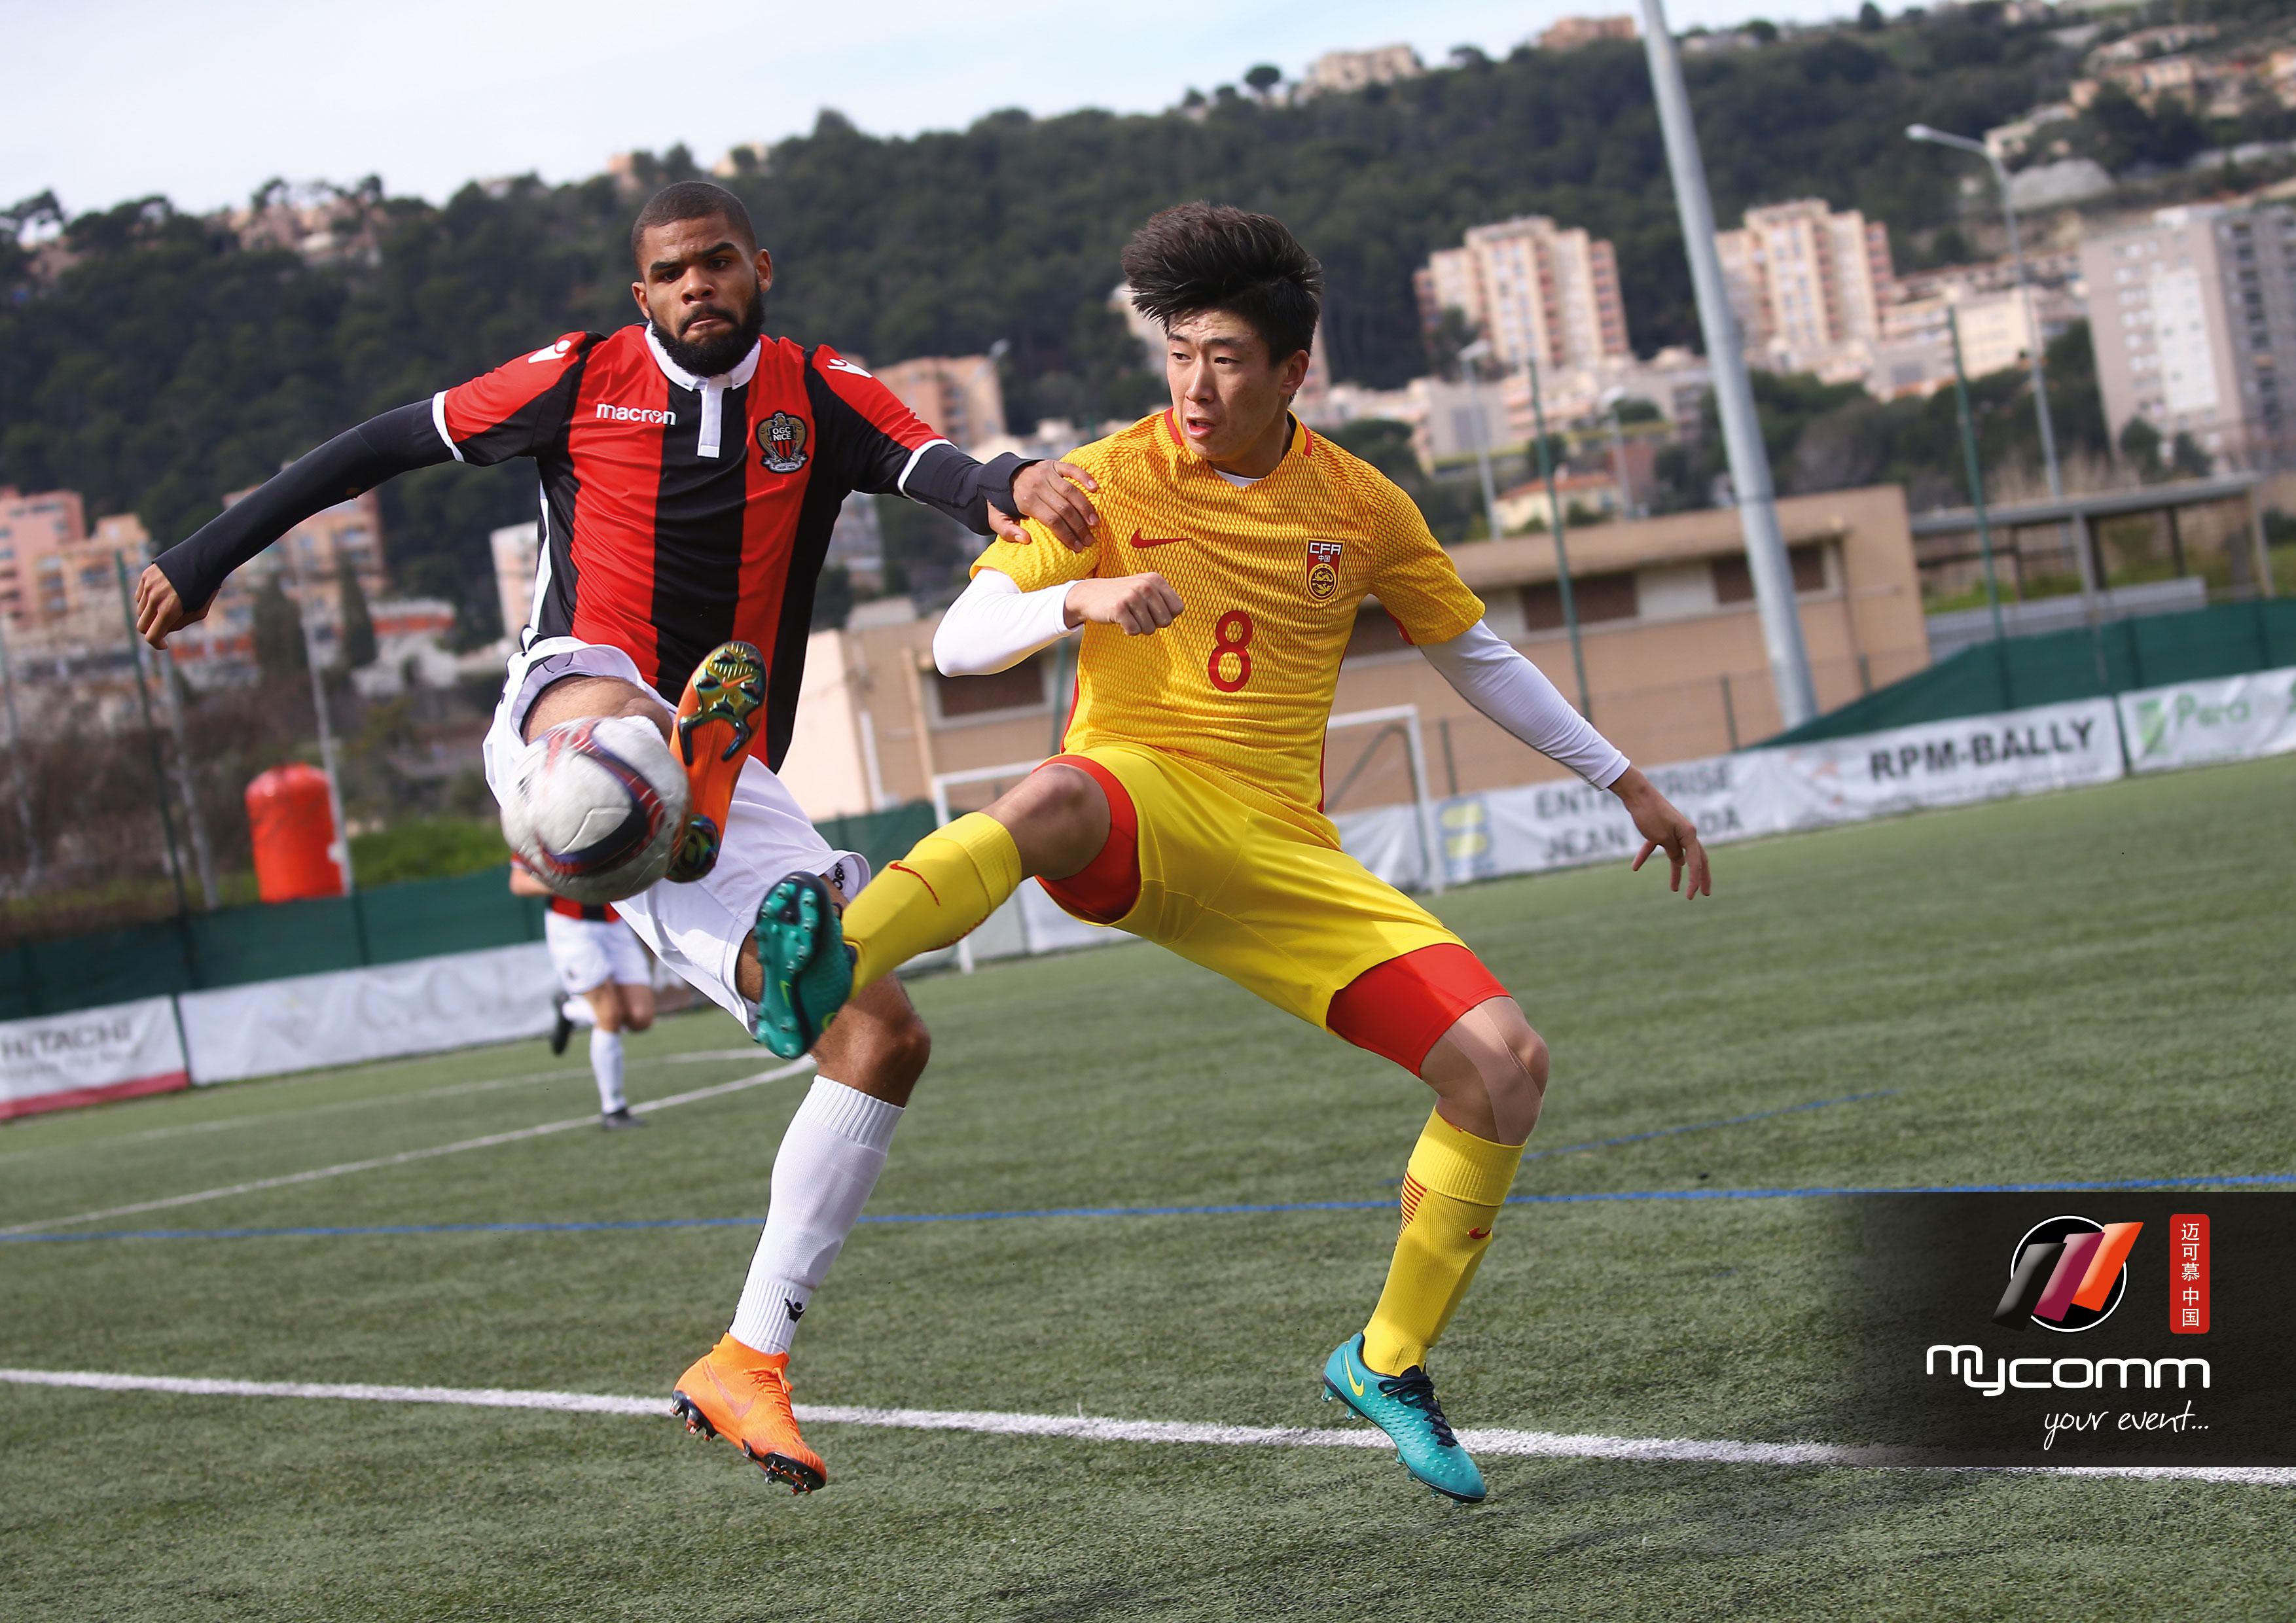 football-ogcn-playing-mycommchina